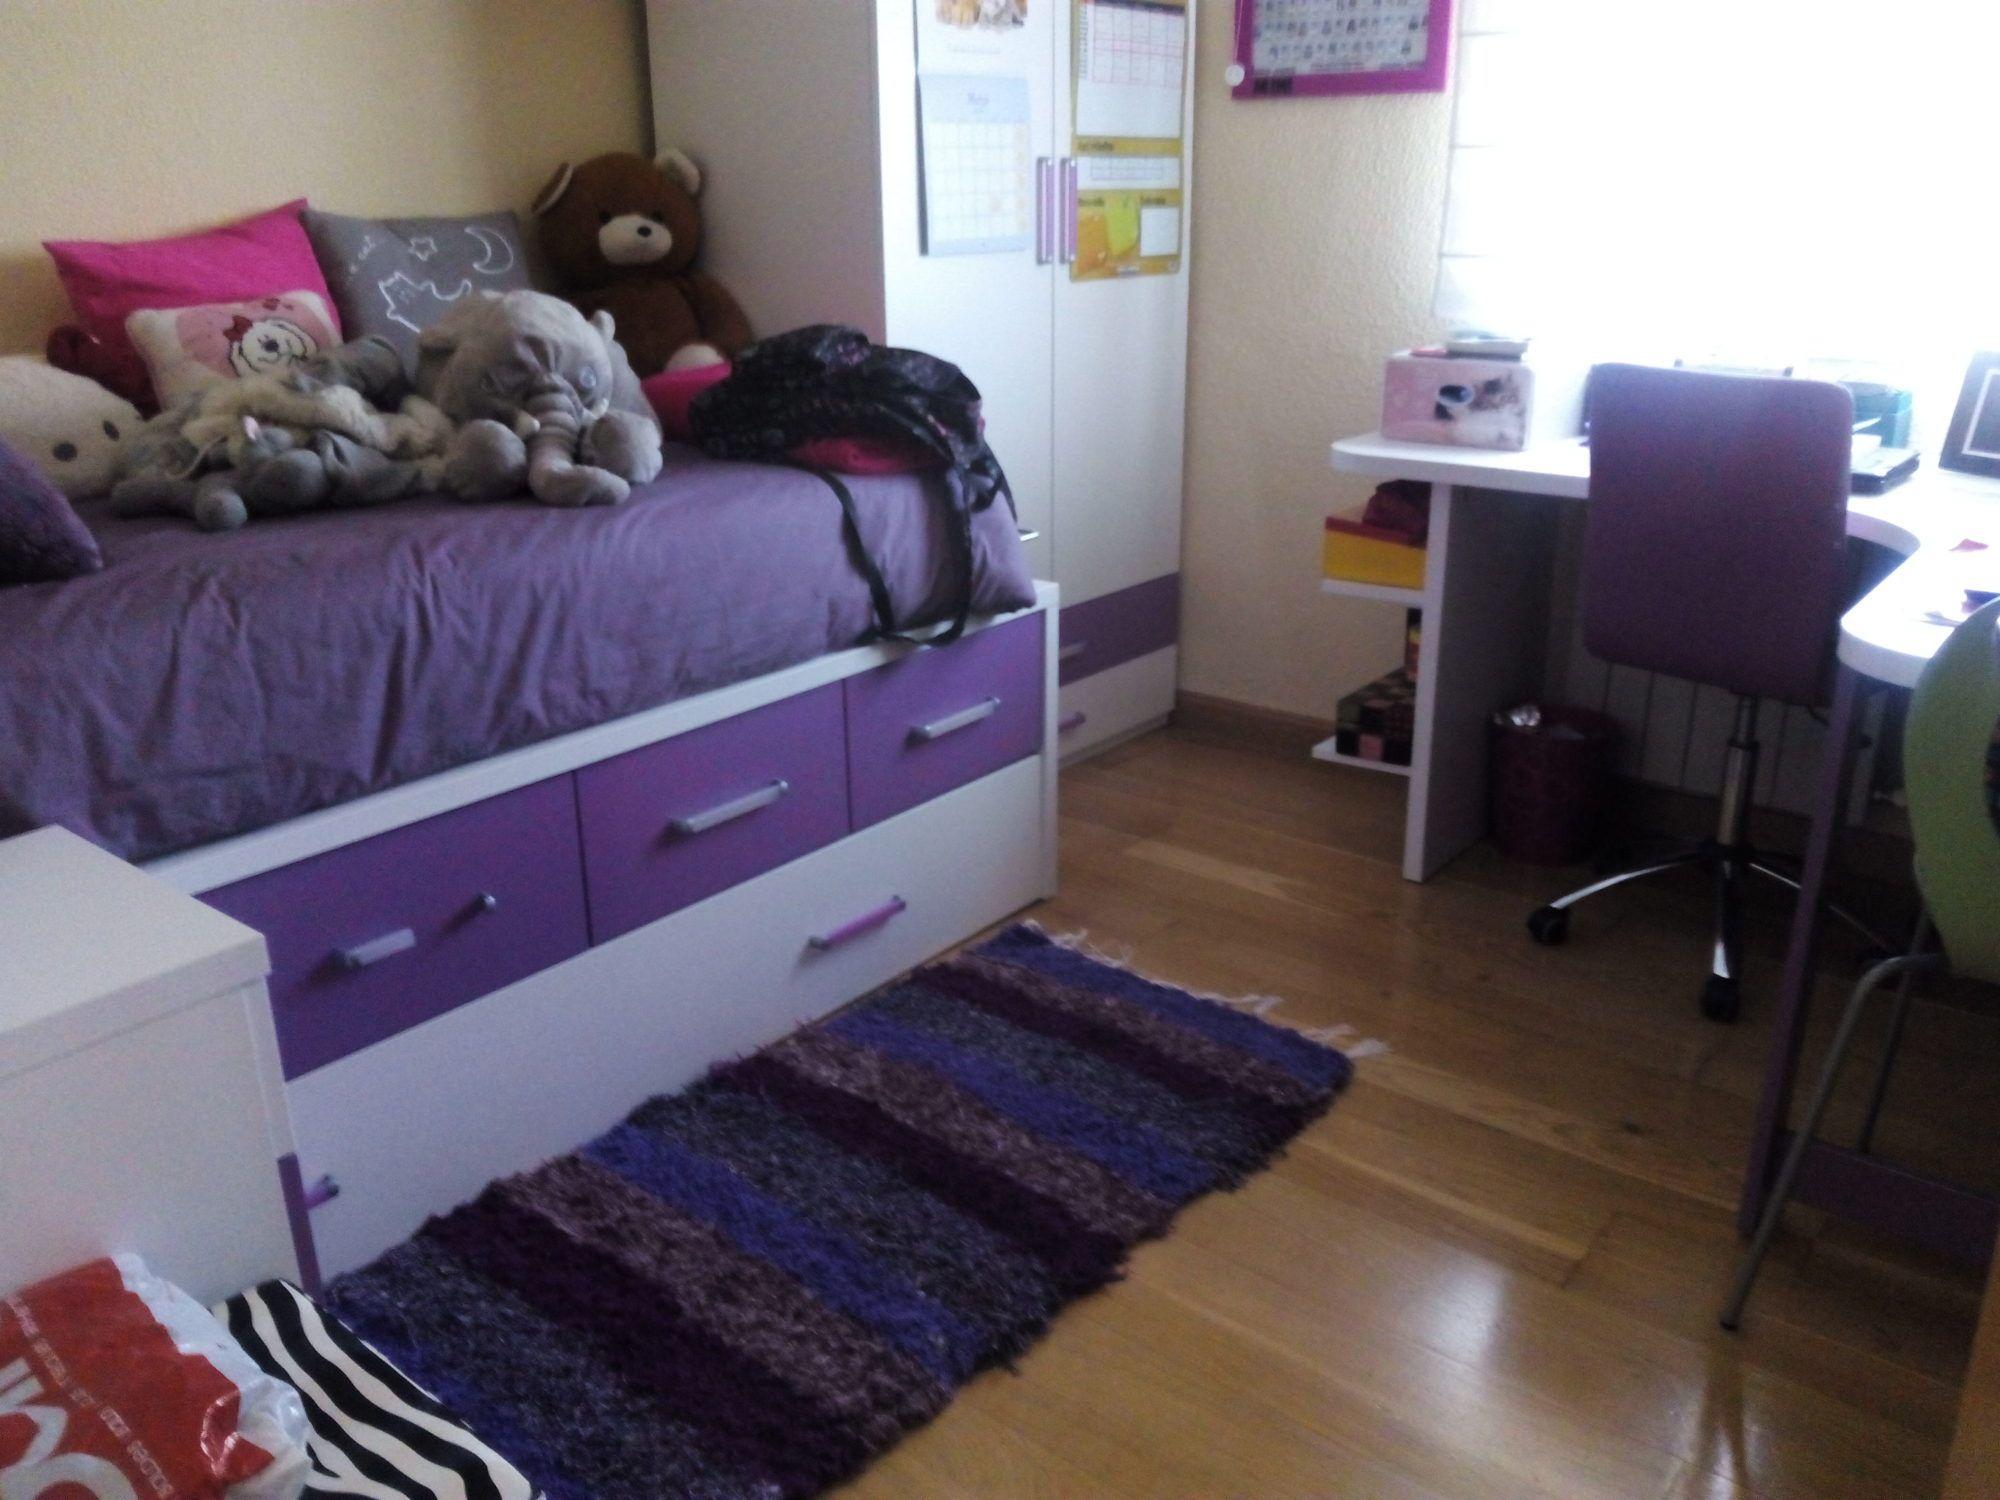 Jarapa morada, diseñada para este dormitorio